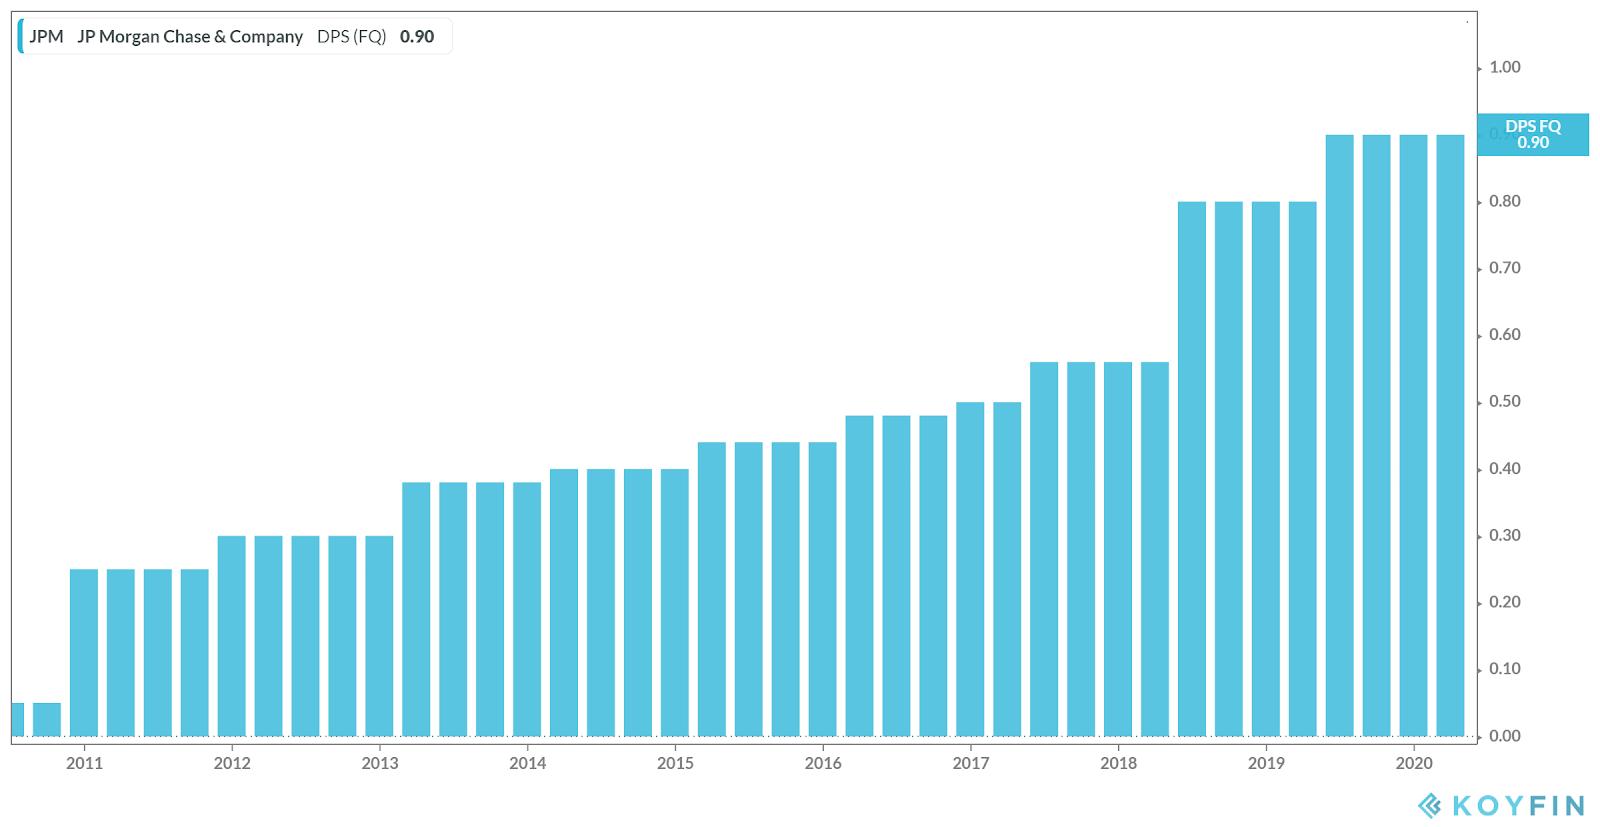 Дивидендный батл: JP Morgan против Сбербанка